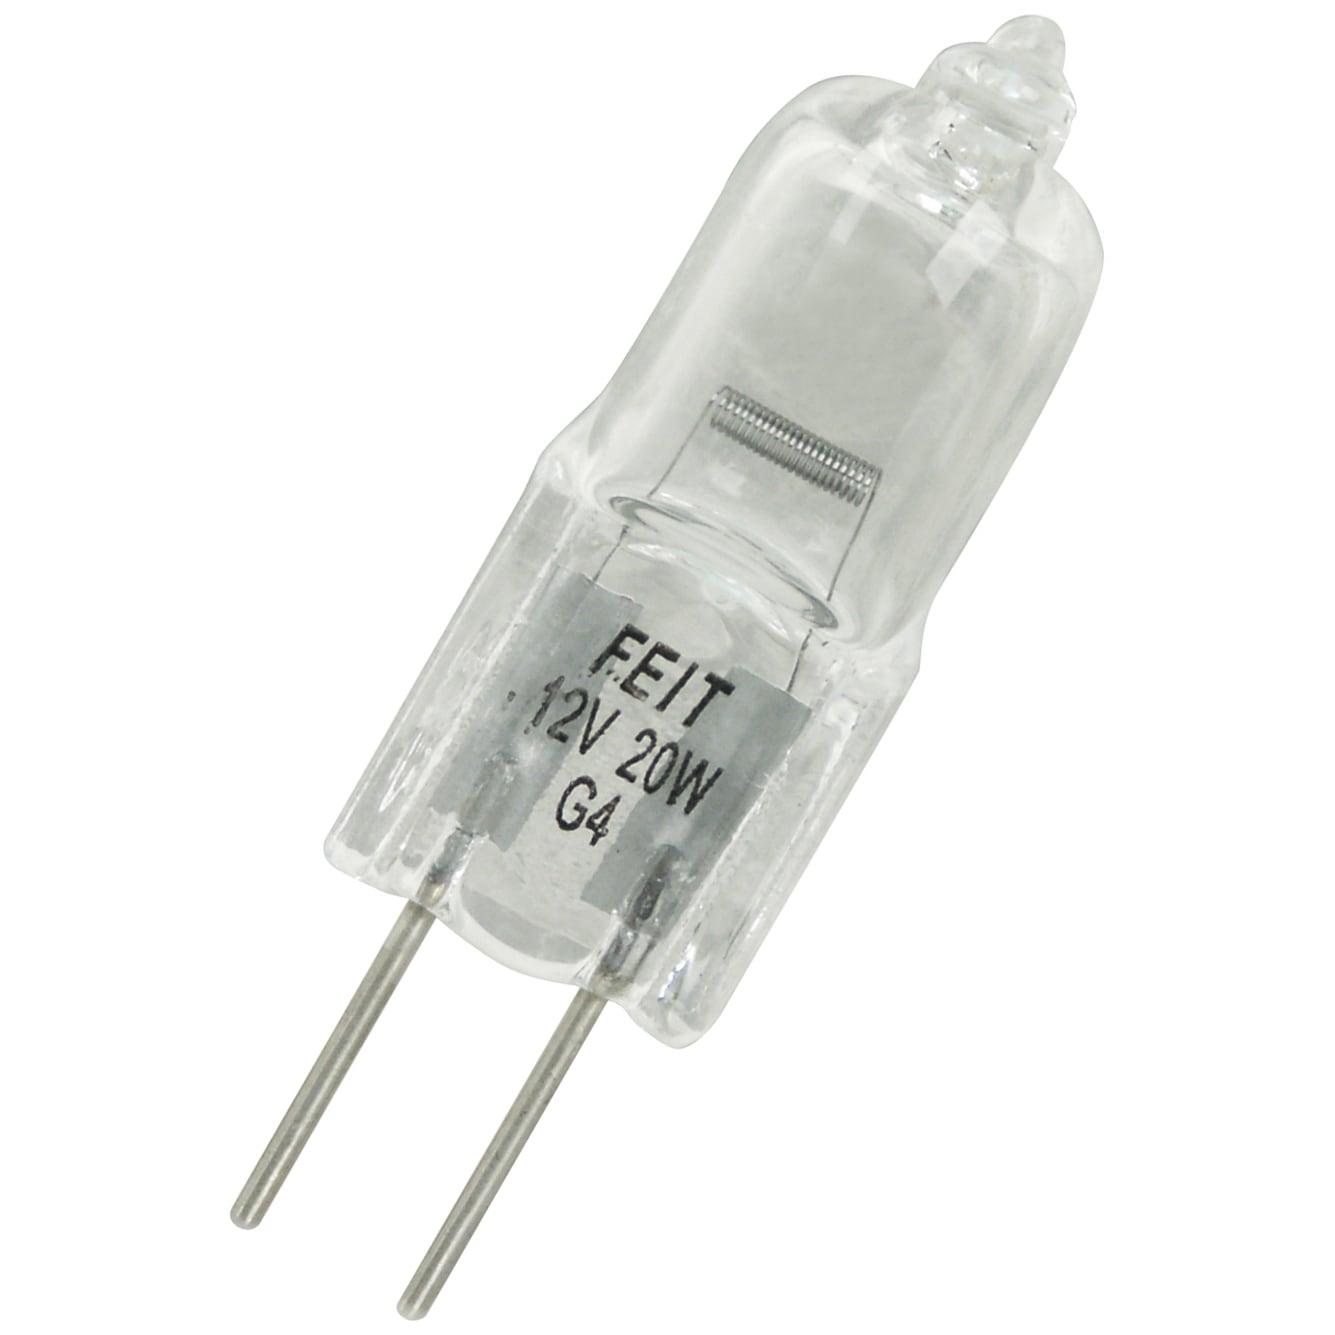 FEIT Electric BPQ20T3 20 Watt Halogen Quartz T3 Bi Pin Li...